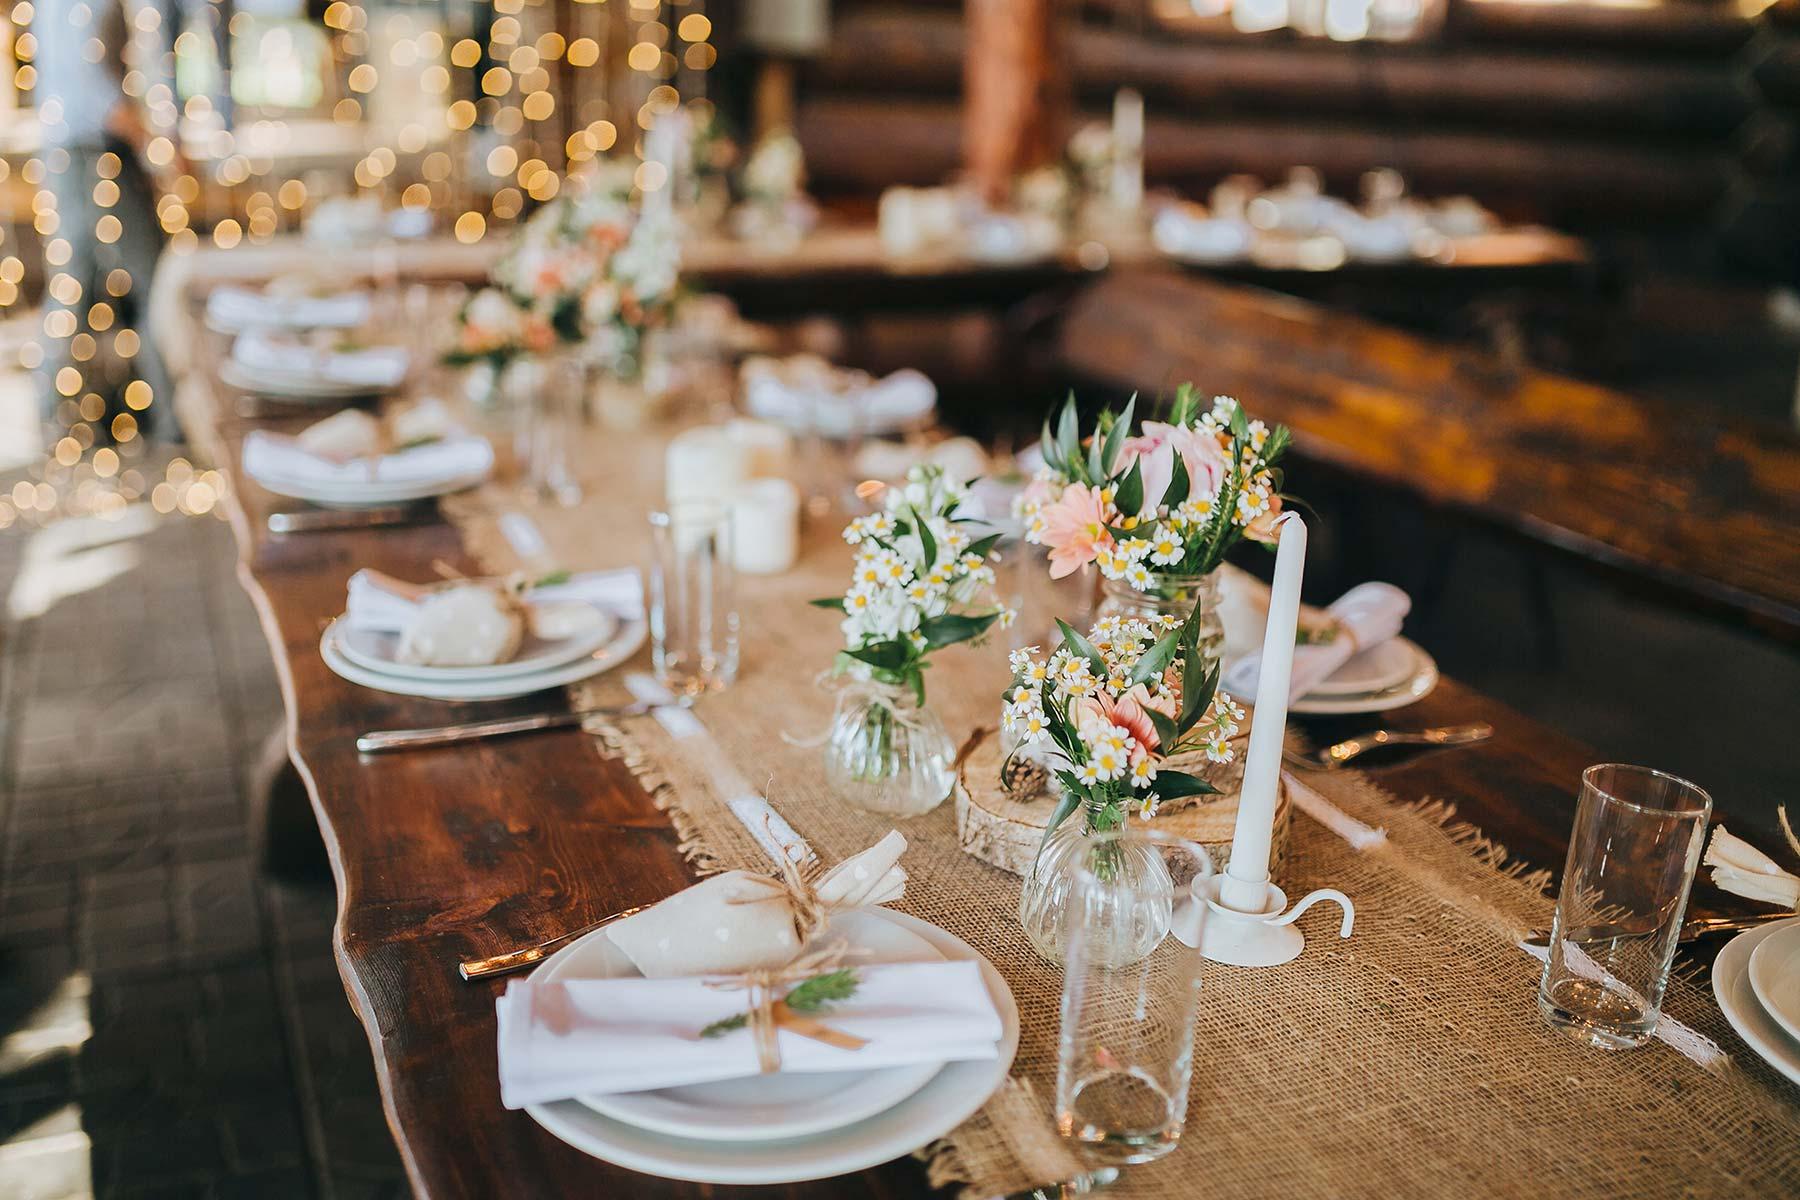 Jute Spitzen Laufer Fur Die Tischdeko Bei Der Hochzeit